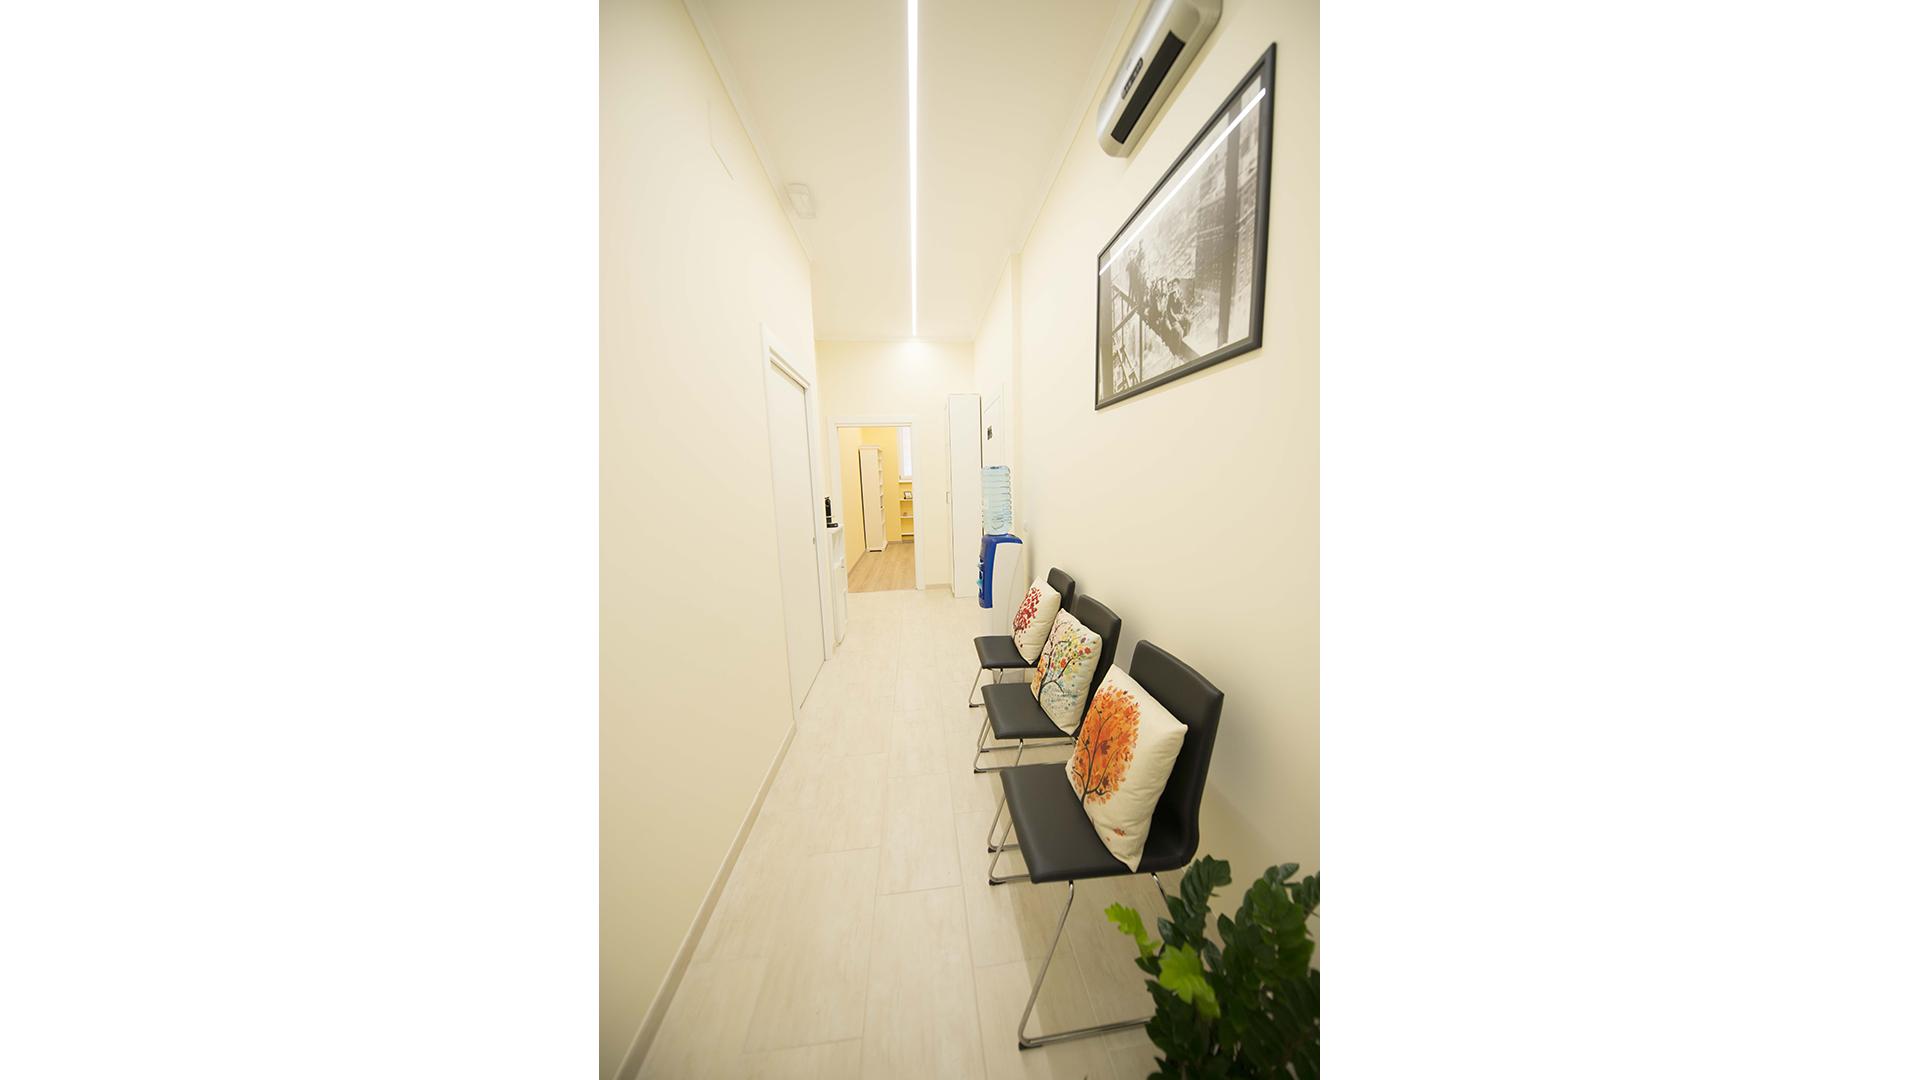 centro rnc roma sala di attesa